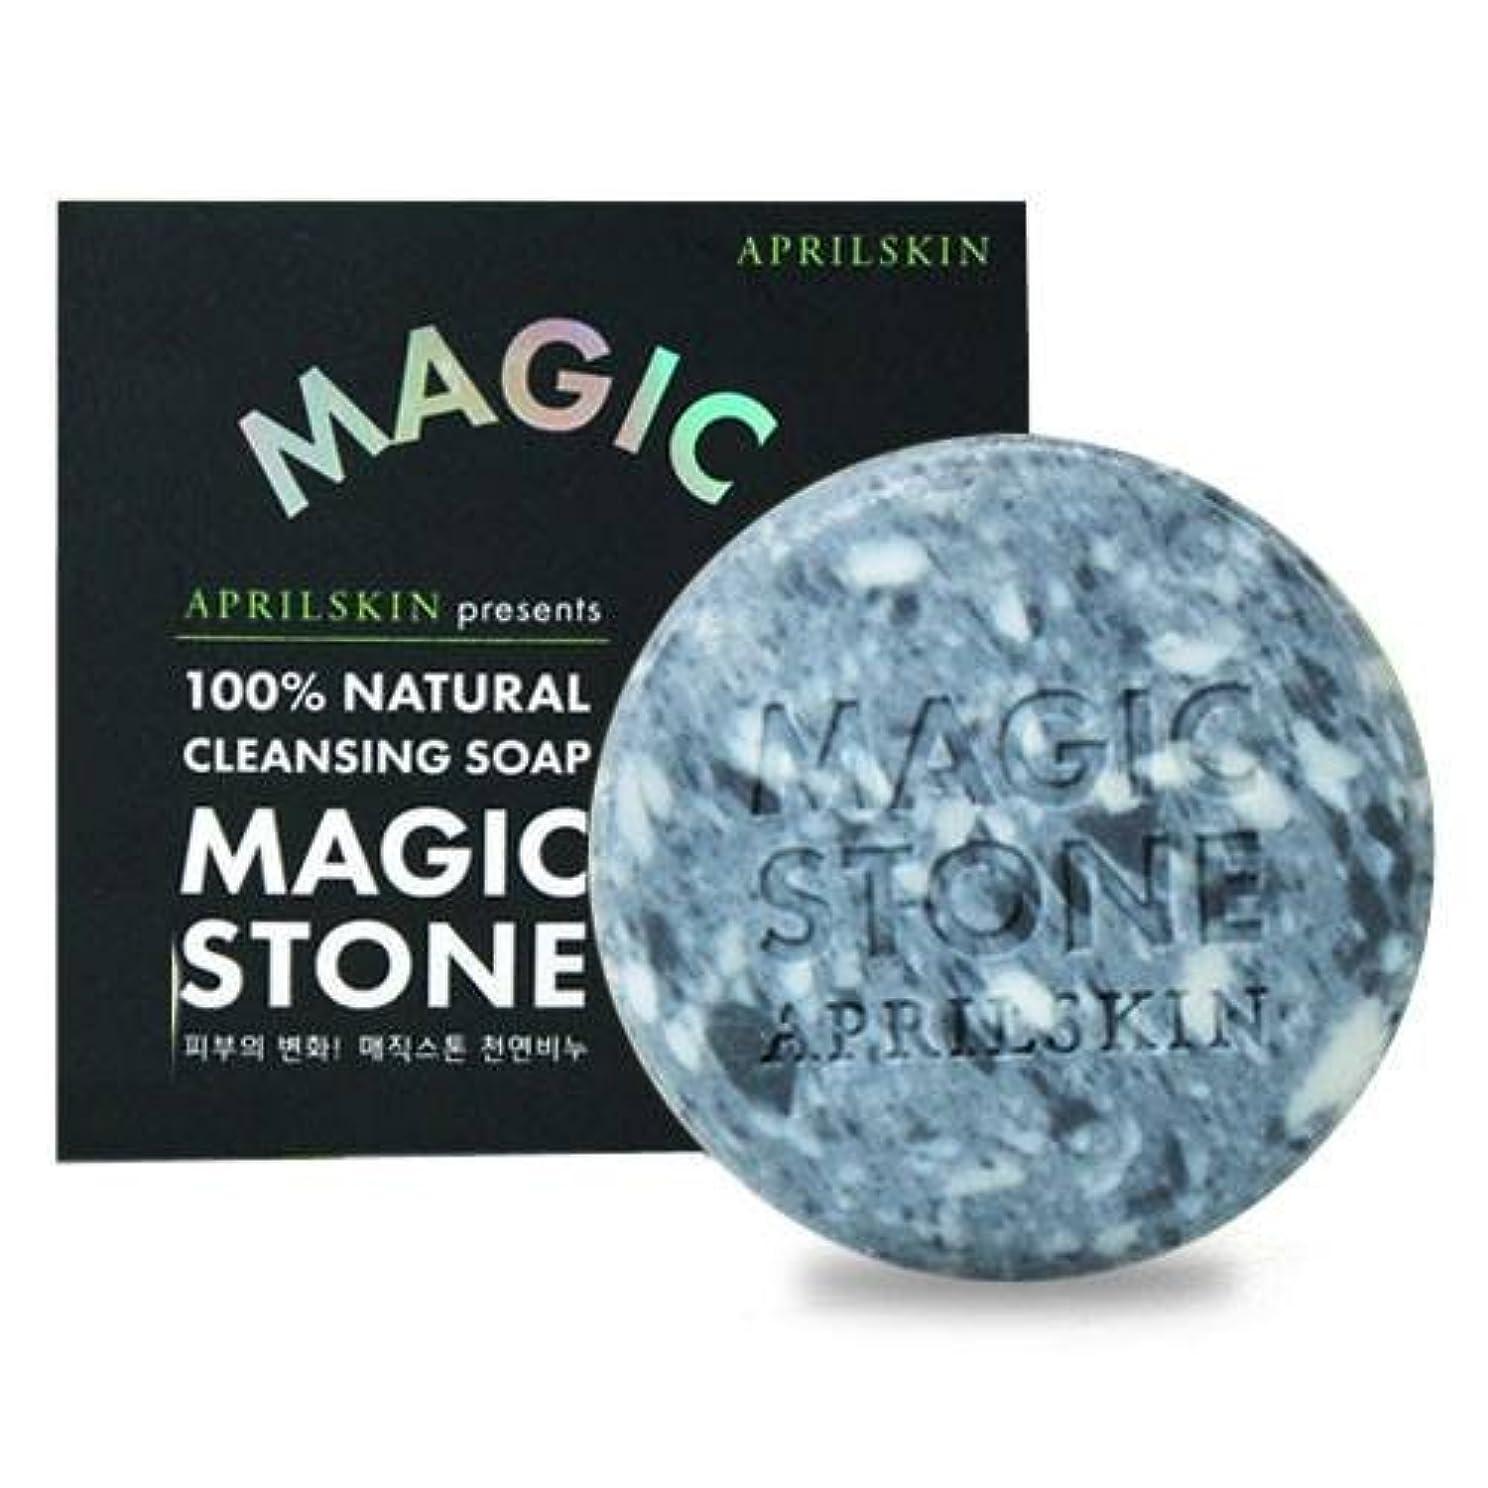 上記の頭と肩バインド洋服[APRILSKIN] エイプリルスキン国民石鹸 (APRIL SKIN magic stone マジックストーンのリニューアルバージョン新発売) (ORIGINAL) [並行輸入品]